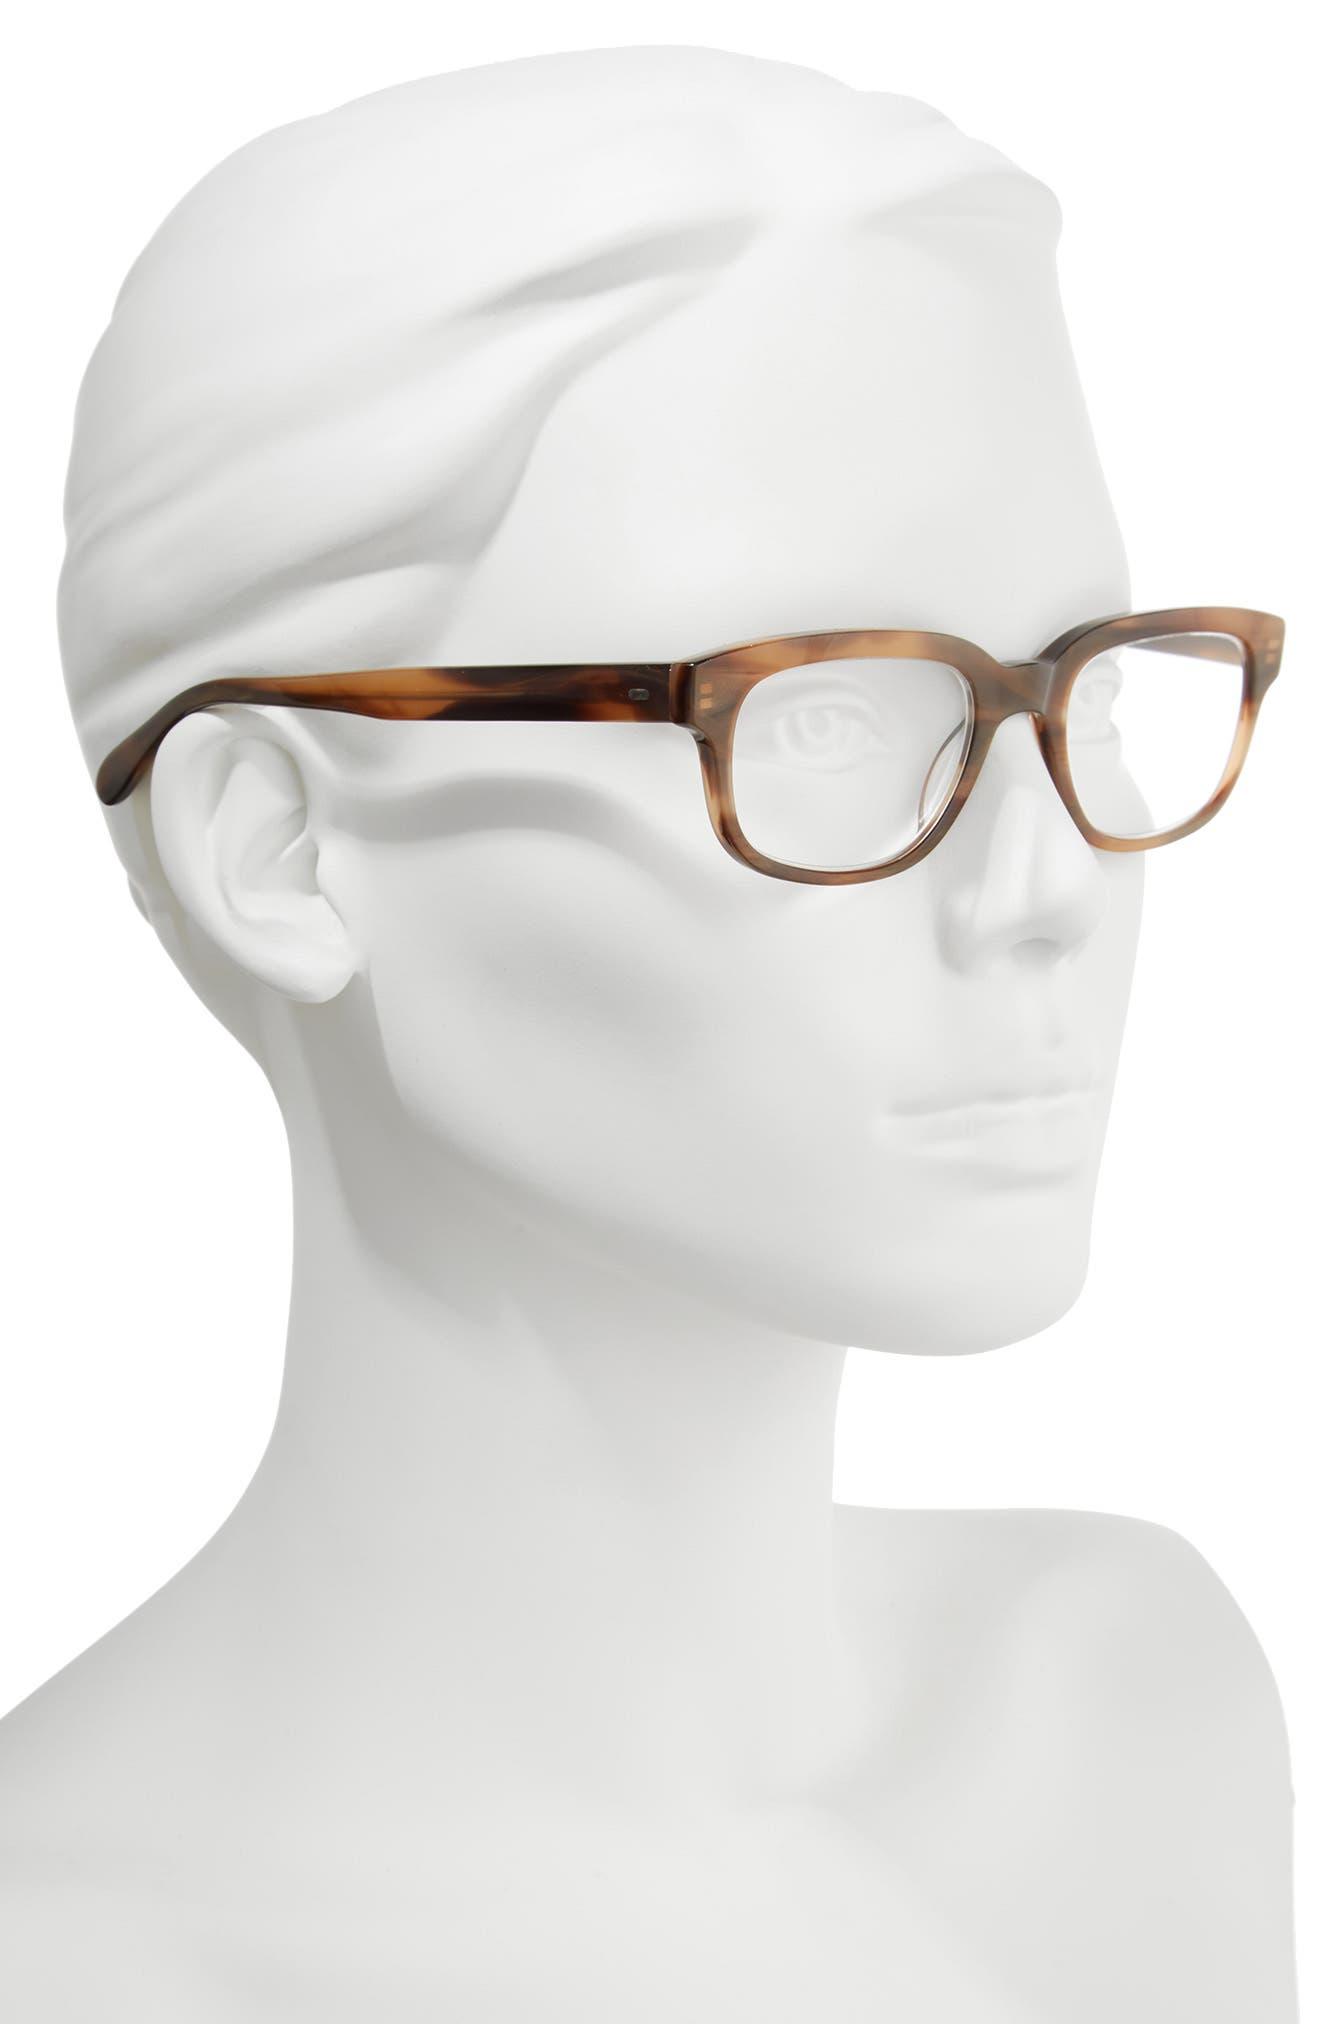 Corrine McCormack Brandy 51mm Reading Glasses,                             Alternate thumbnail 2, color,                             200